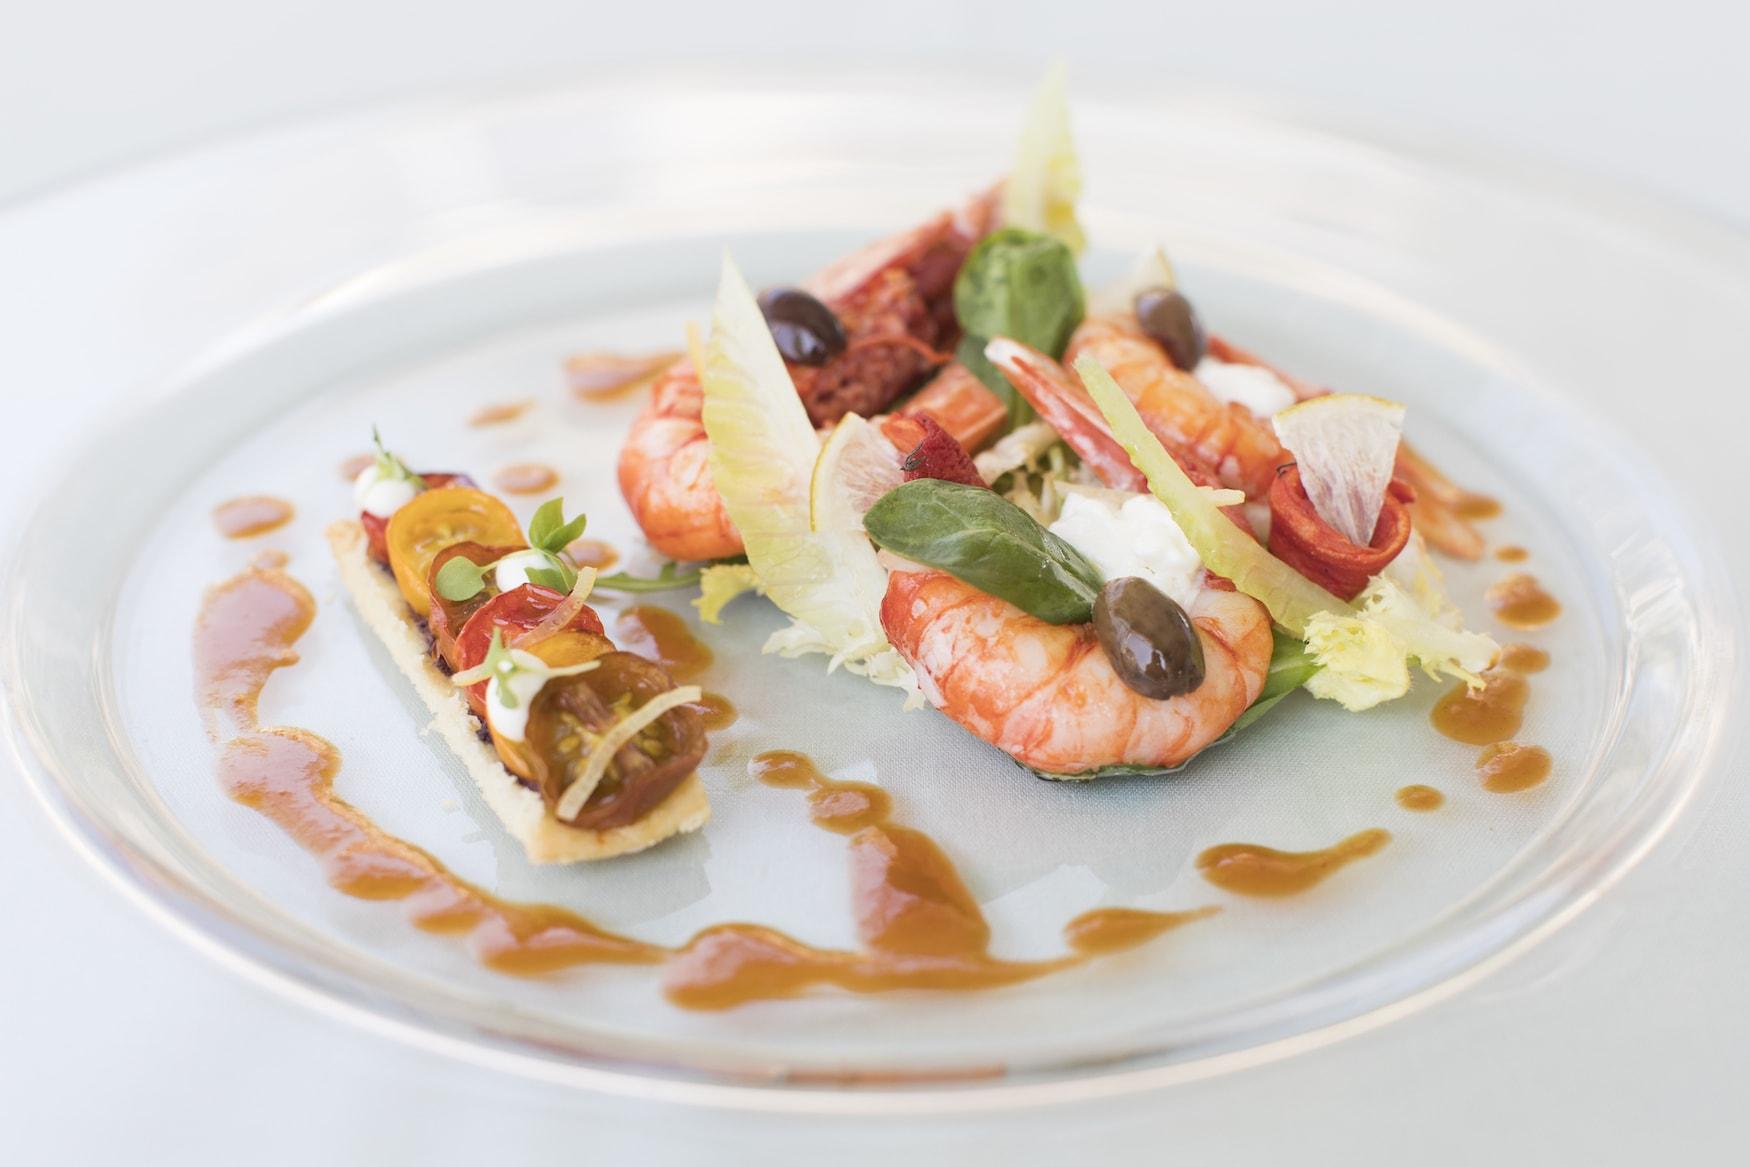 Mediterrane Küche im Le Sireneuse